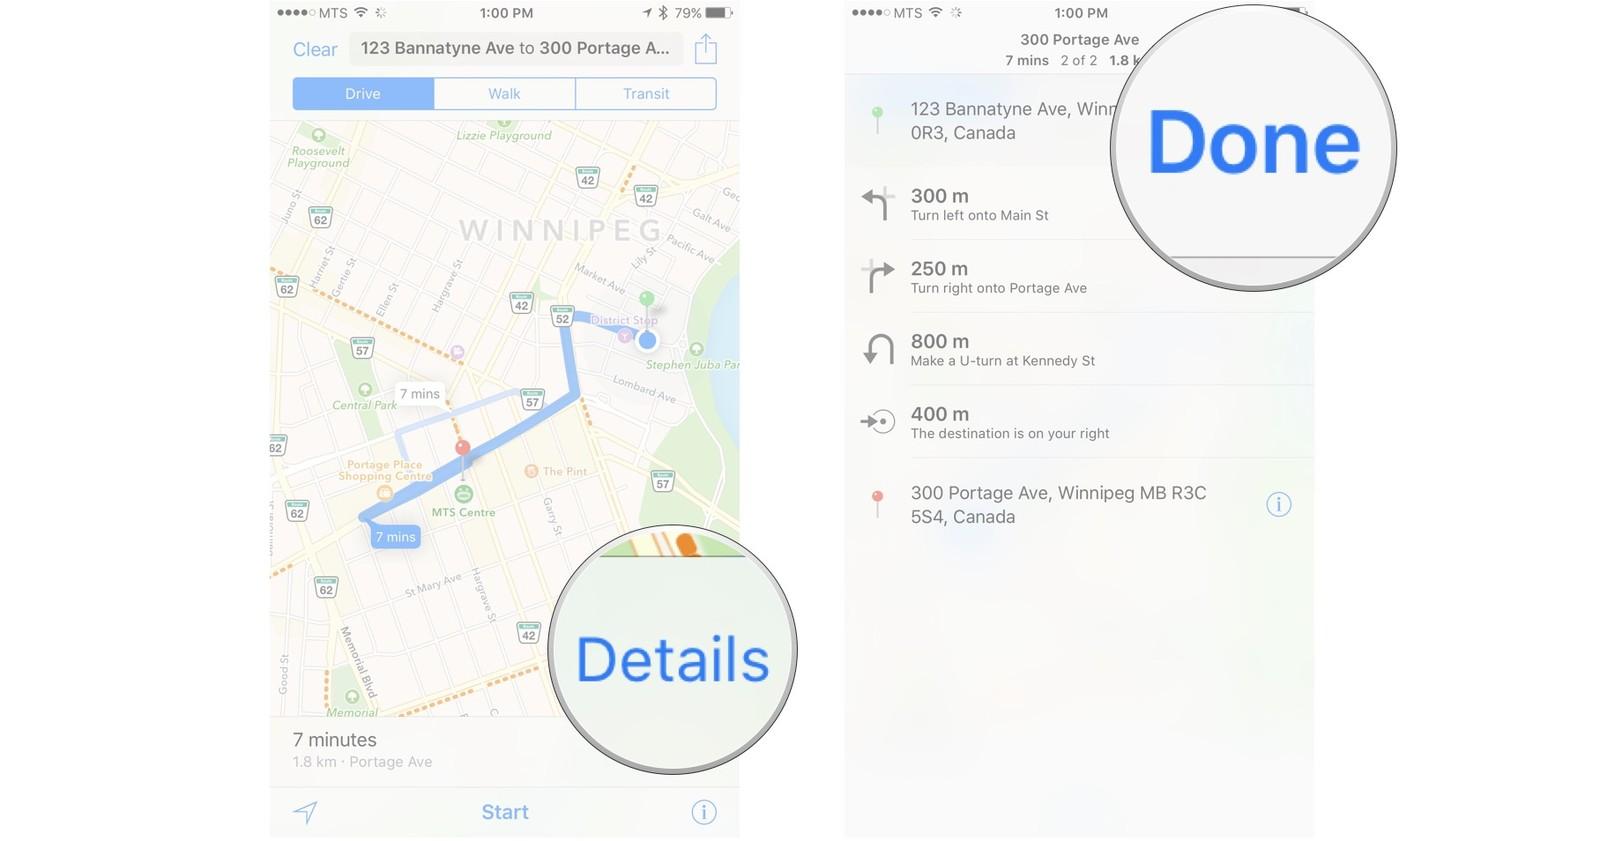 Как пользоваться Картами на iPhone и iPad - Просмотр текстовых комментариев